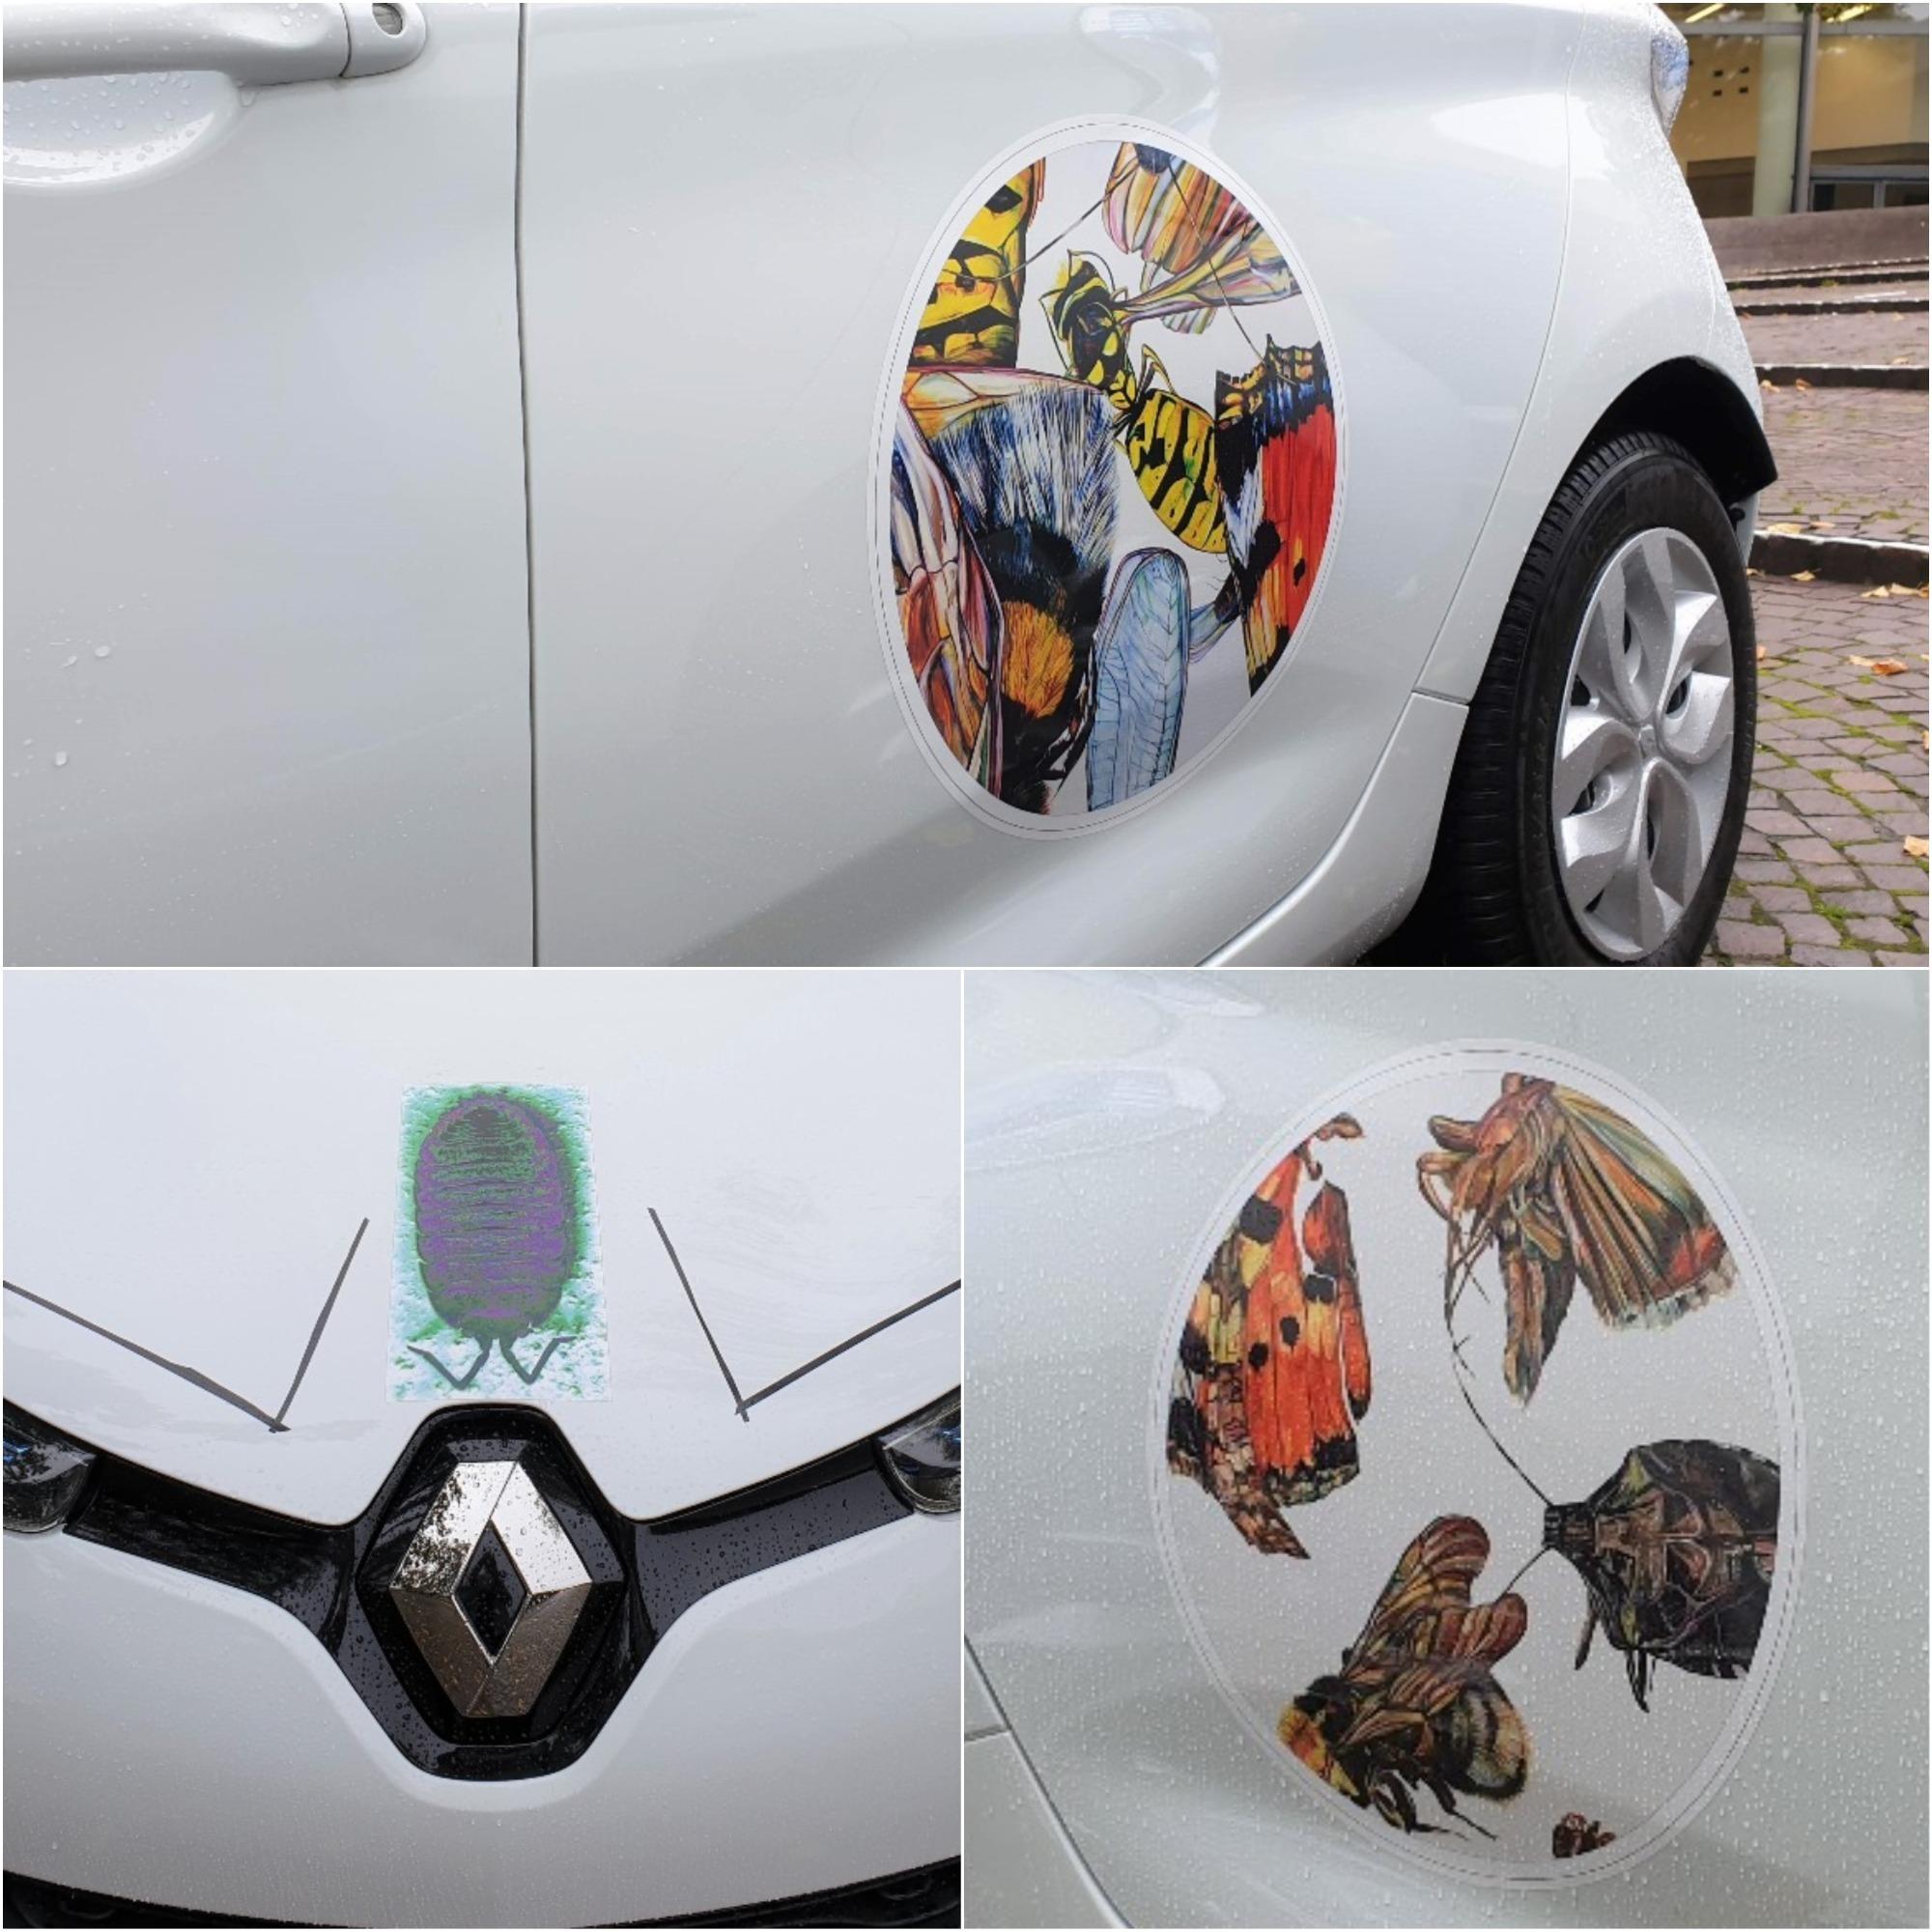 stadtmobil hannover art car julia Schmidt Picknick mit Tier C1